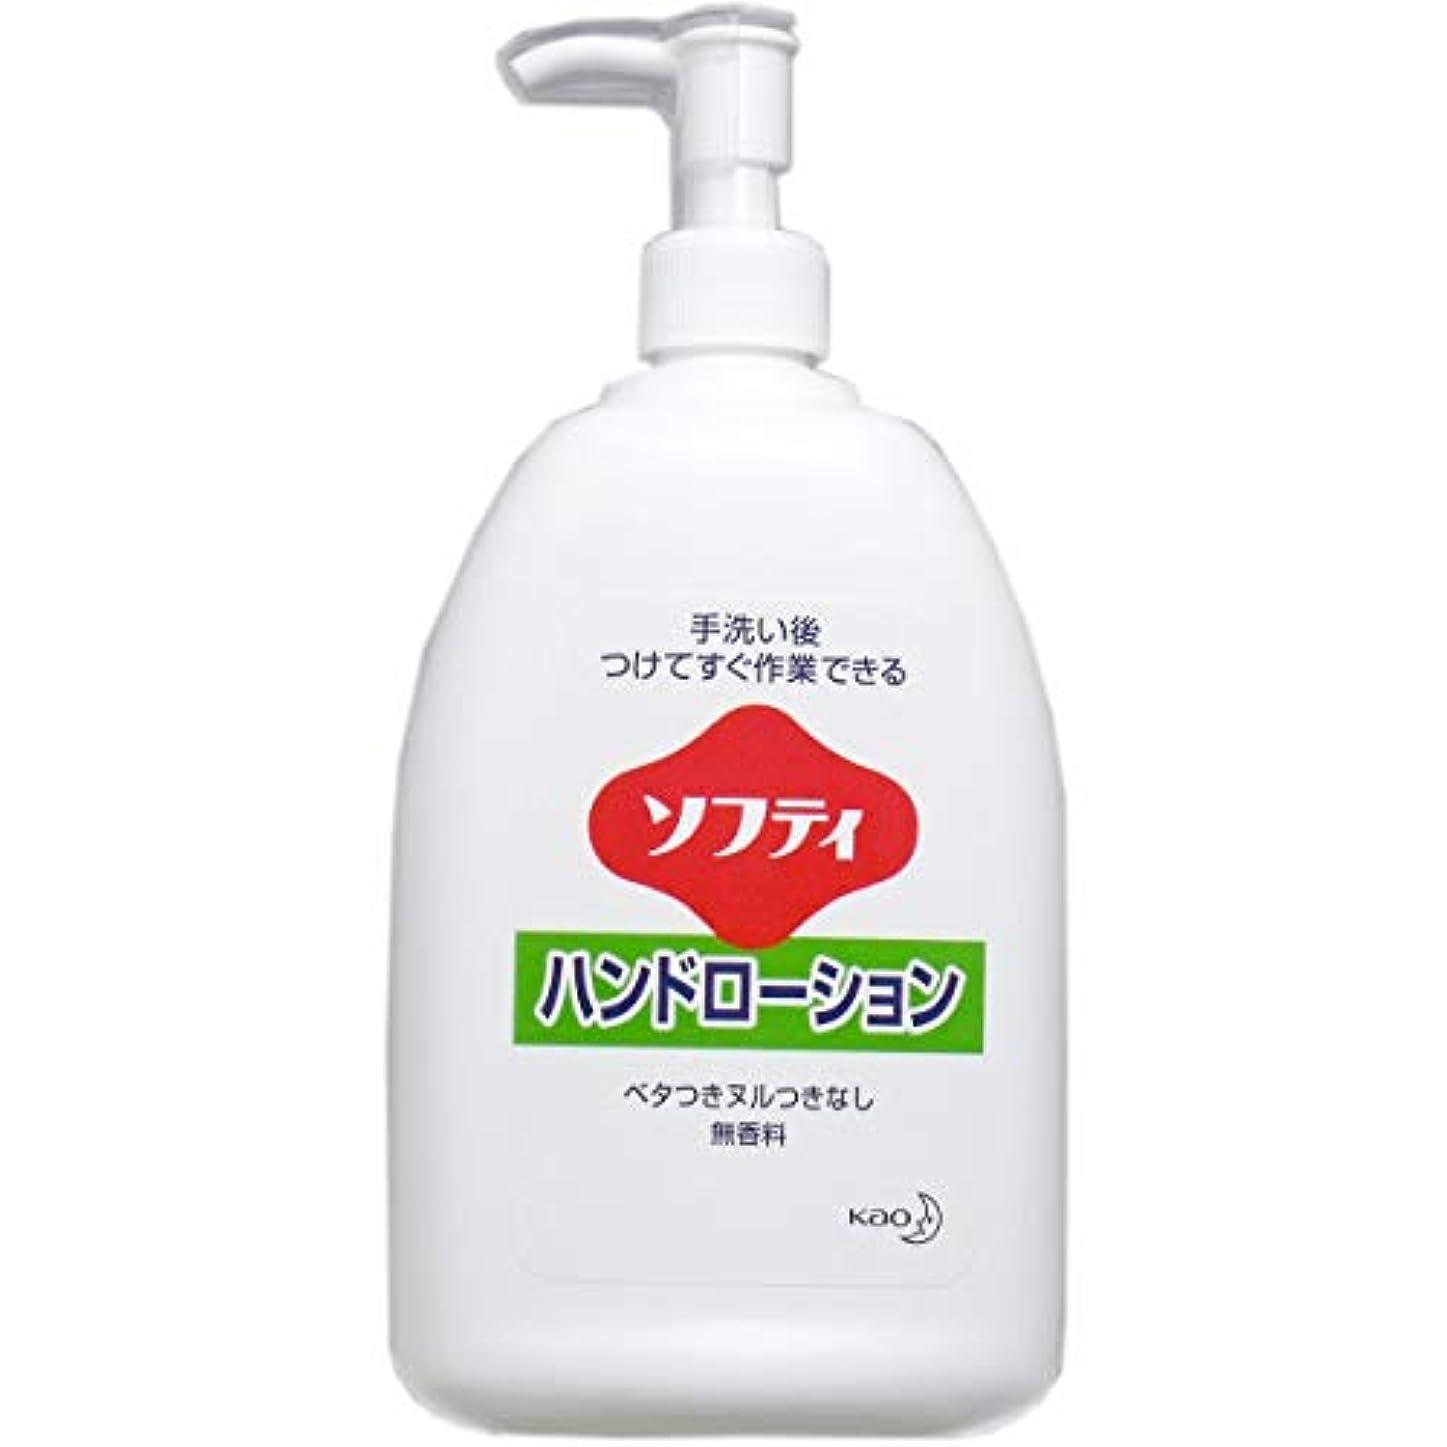 ホップ成人期揺れる花王ソフティ ハンドローション 無香料 550mL(単品)